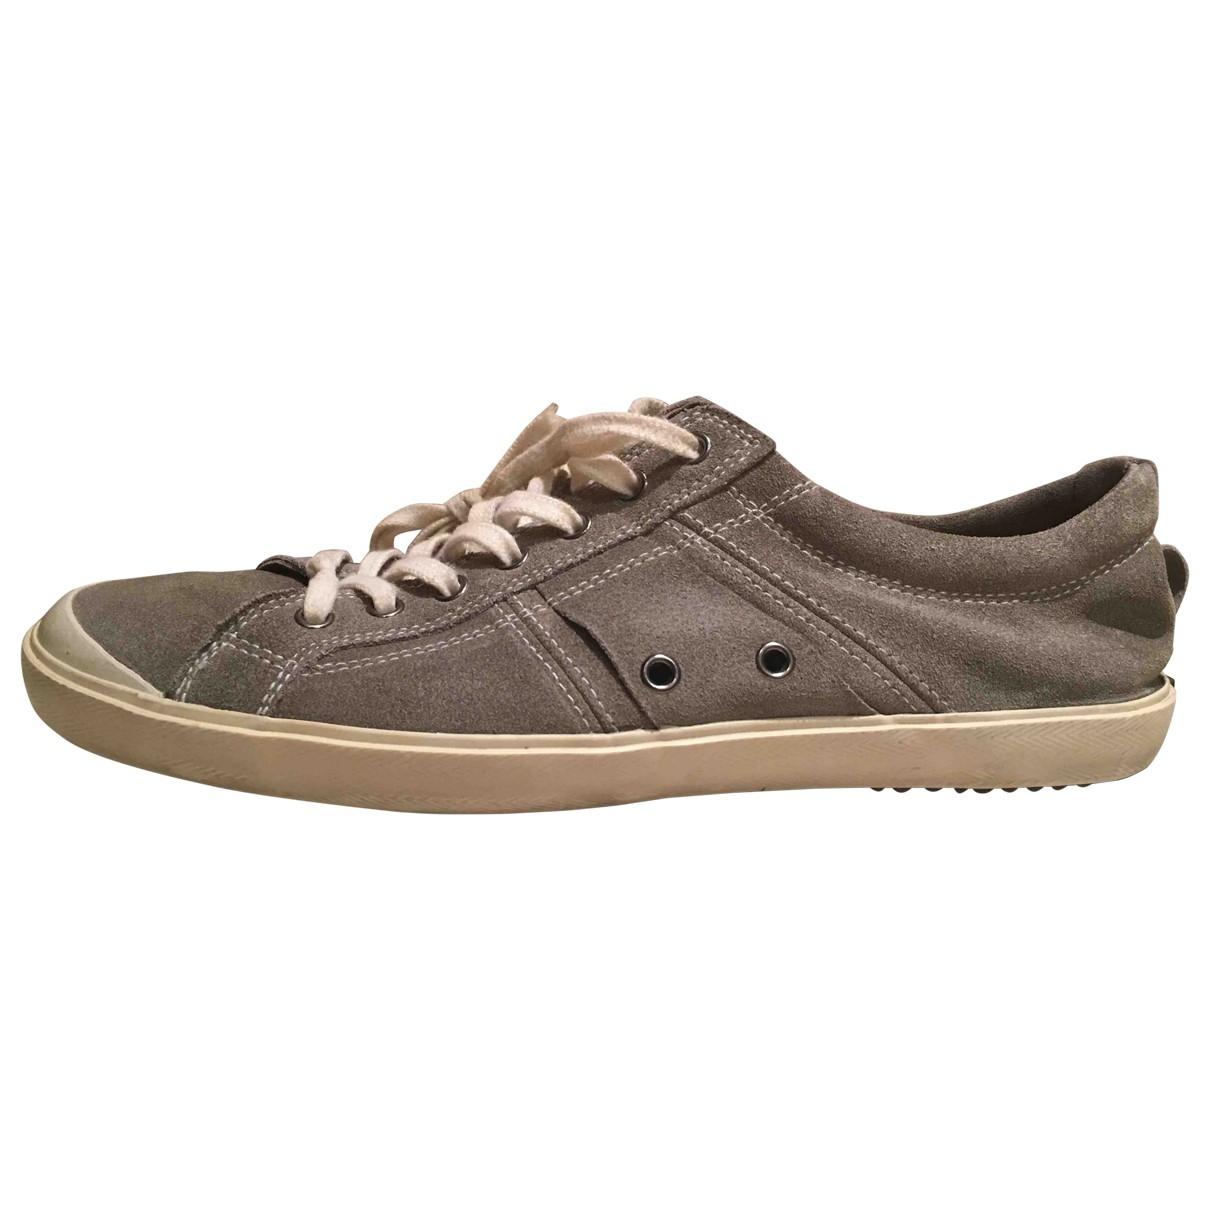 N.d.c. Made By Hand \N Sneakers in  Grau Leder